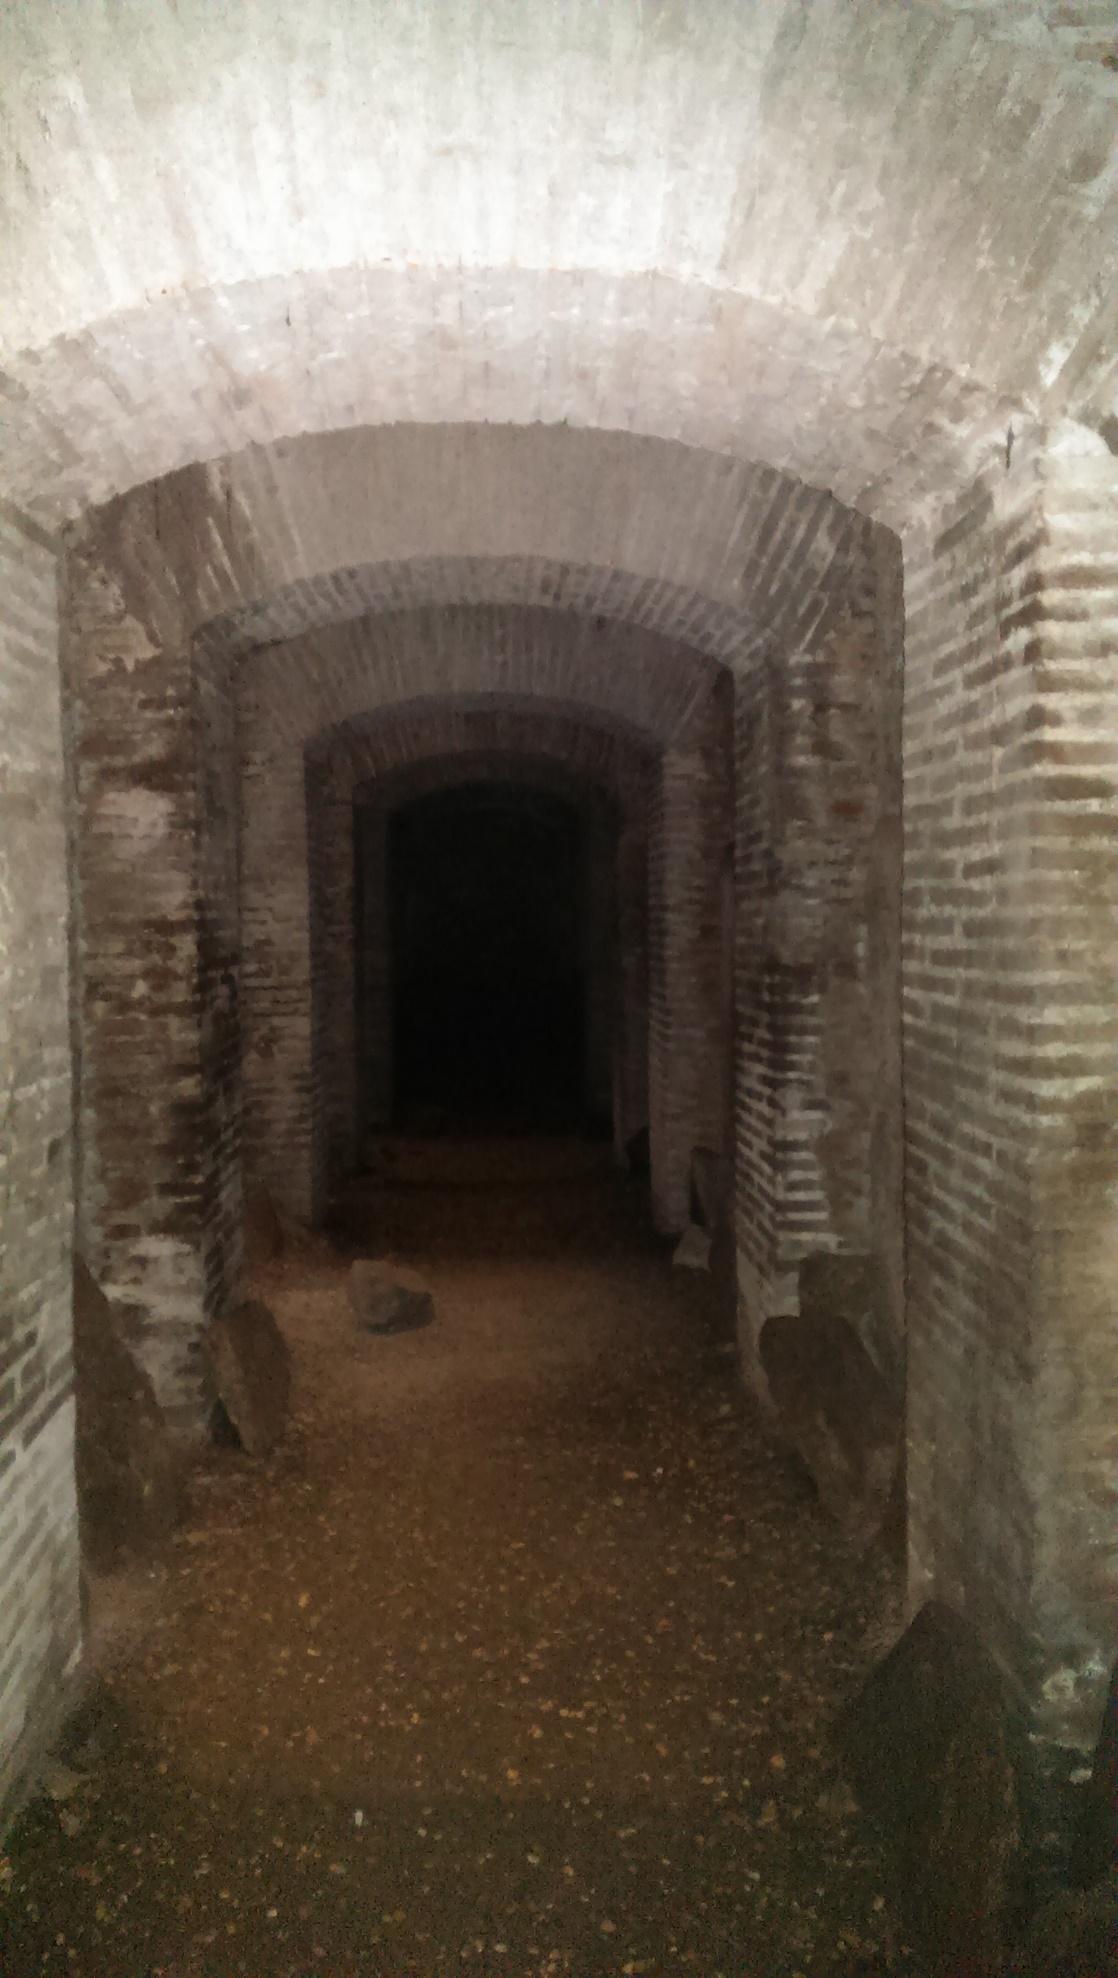 Roman archway Photo by Mrilyn Ricci